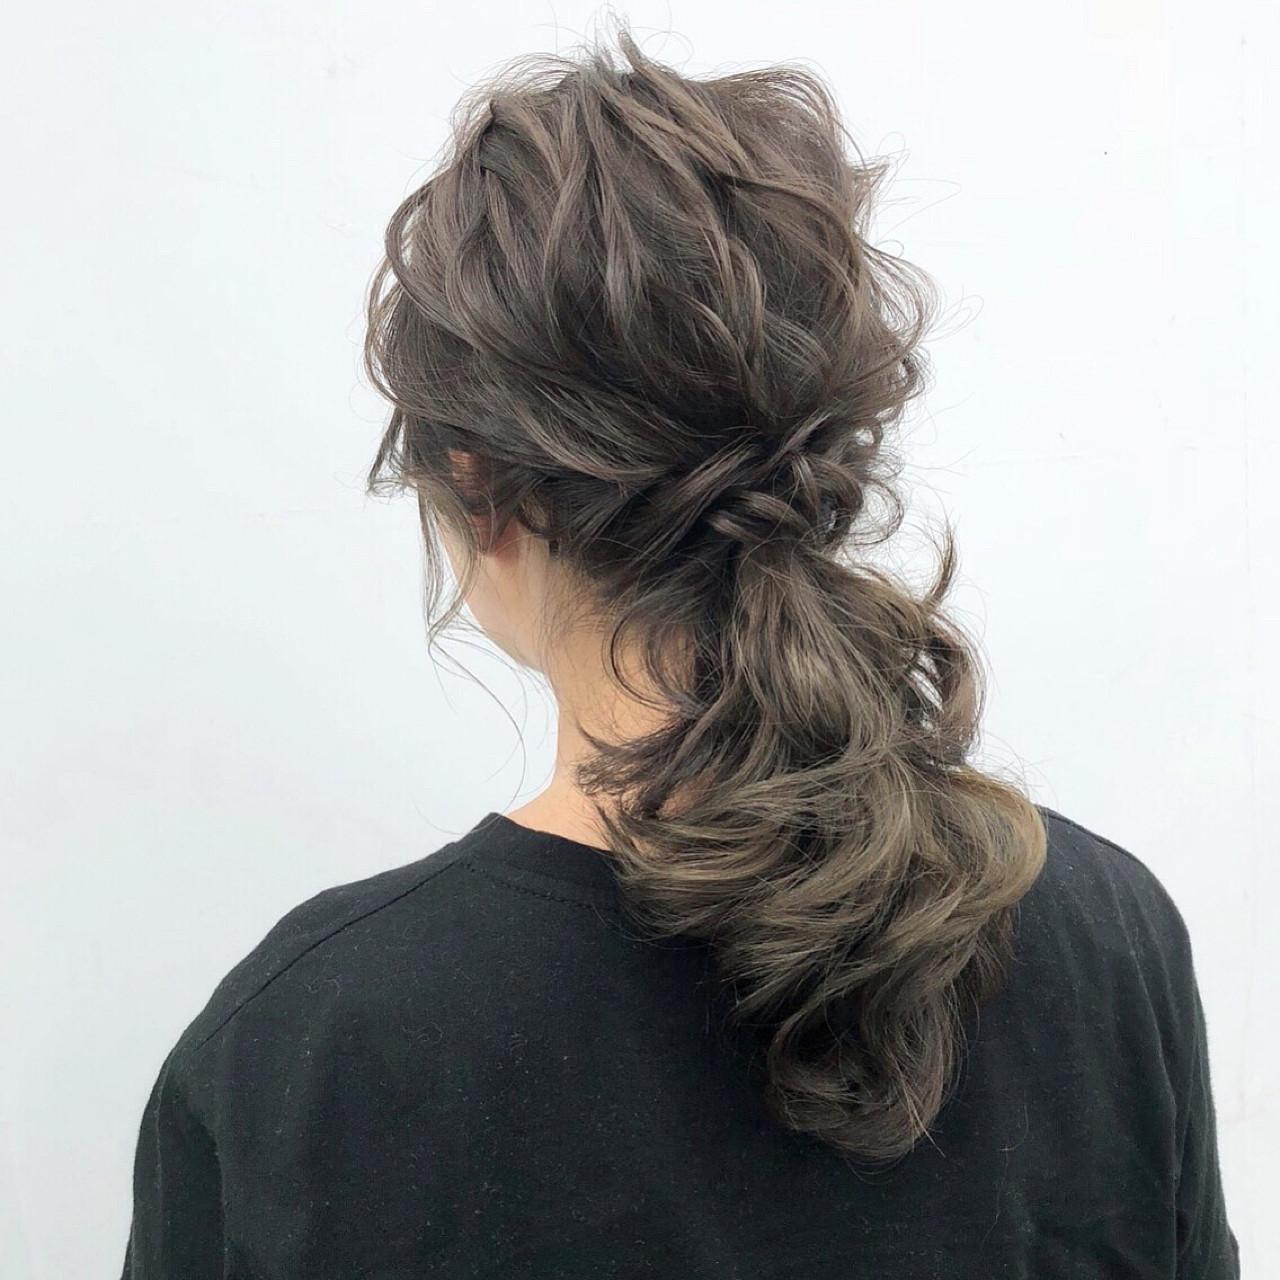 ポニーテール 簡単ヘアアレンジ ナチュラル ヘアアレンジ ヘアスタイルや髪型の写真・画像